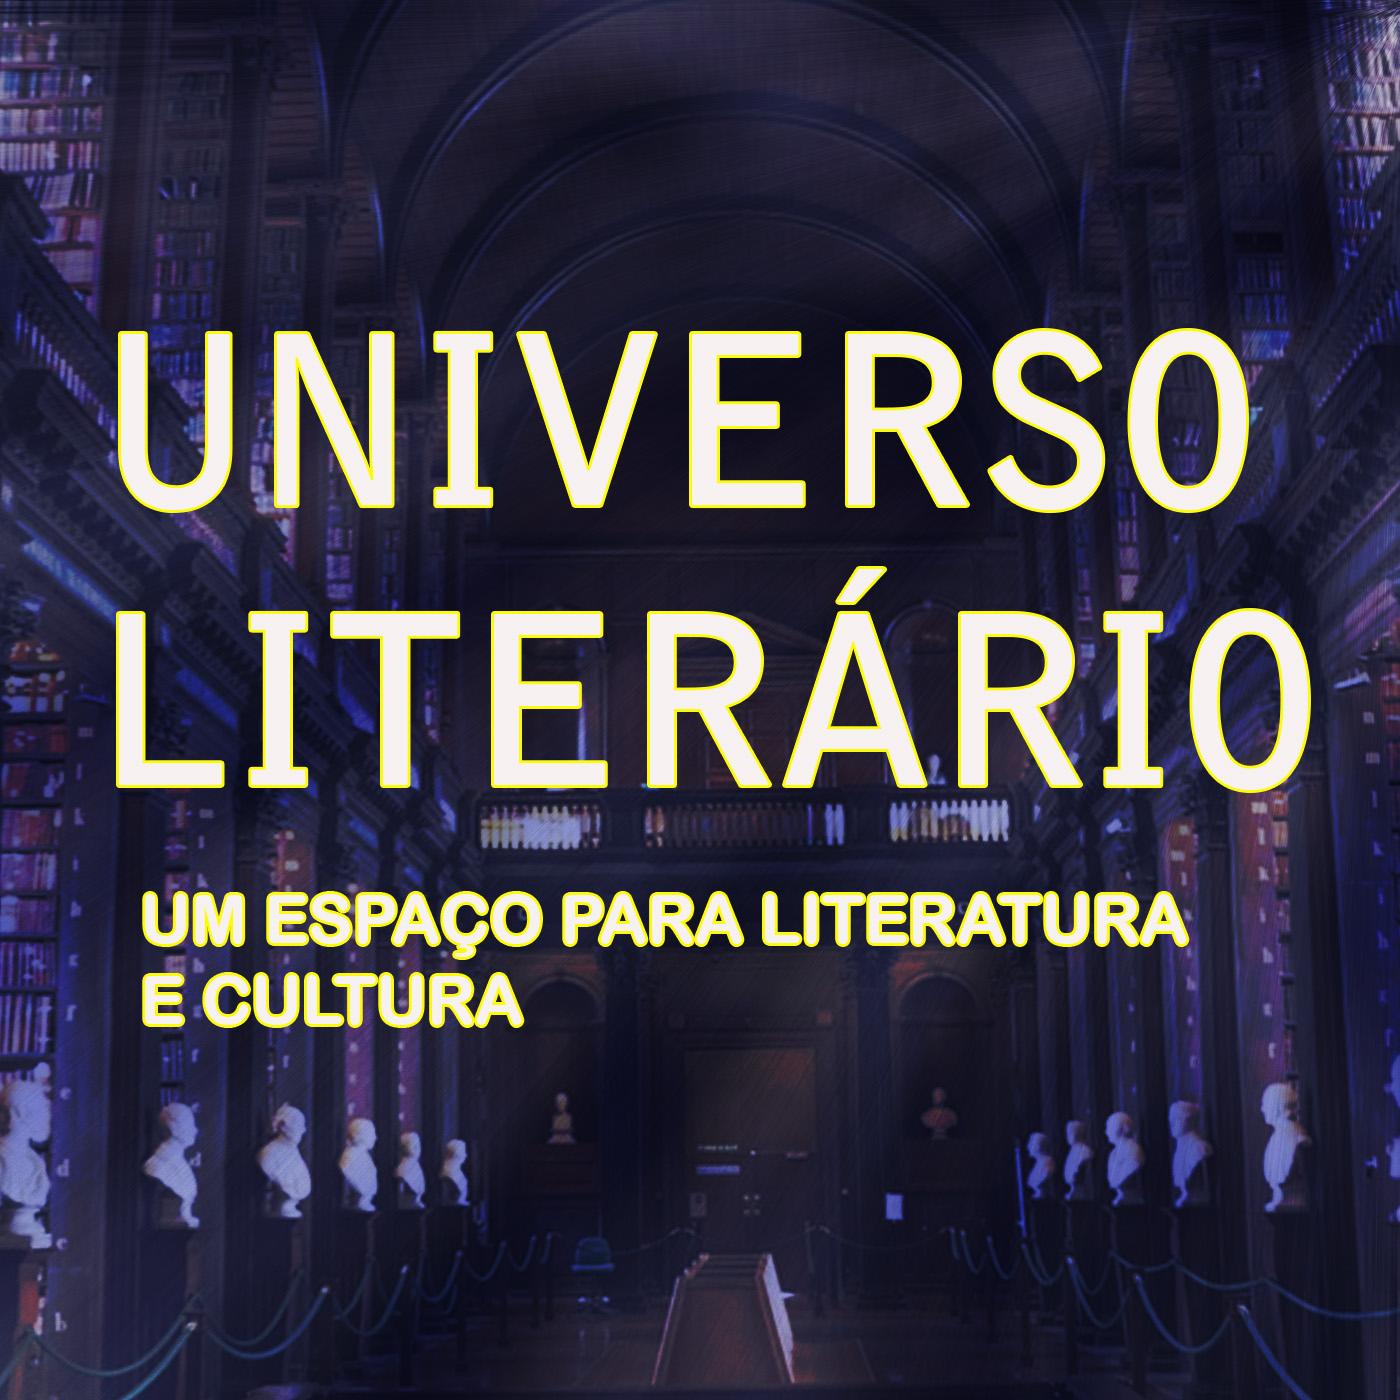 Imagem do Universo Literário